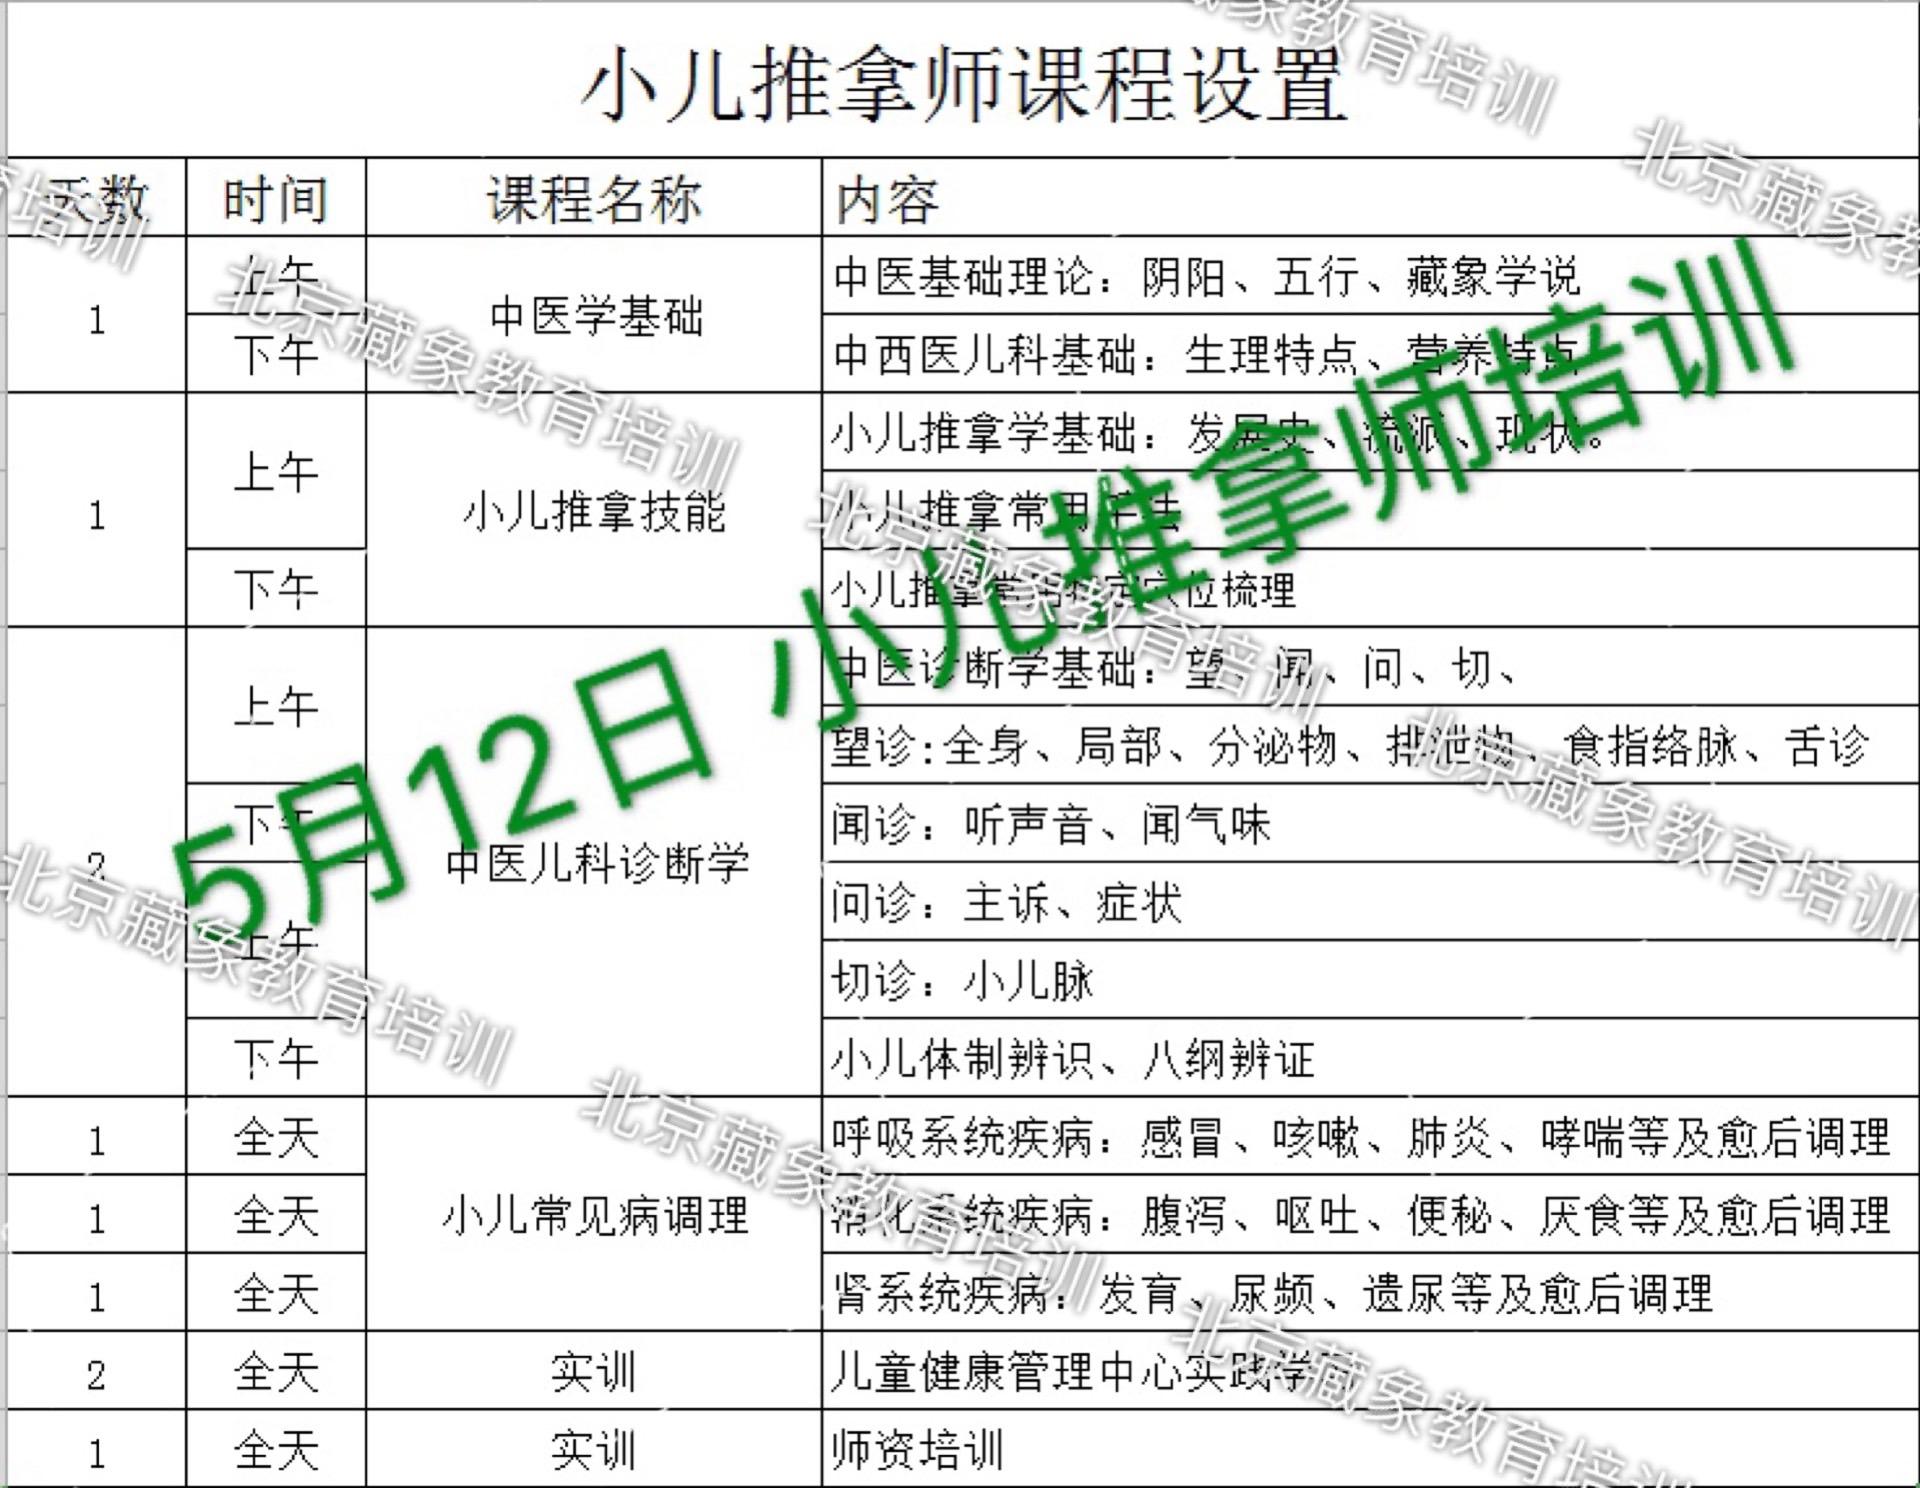 藏象学校小儿推拿培训班5月12日开班通知